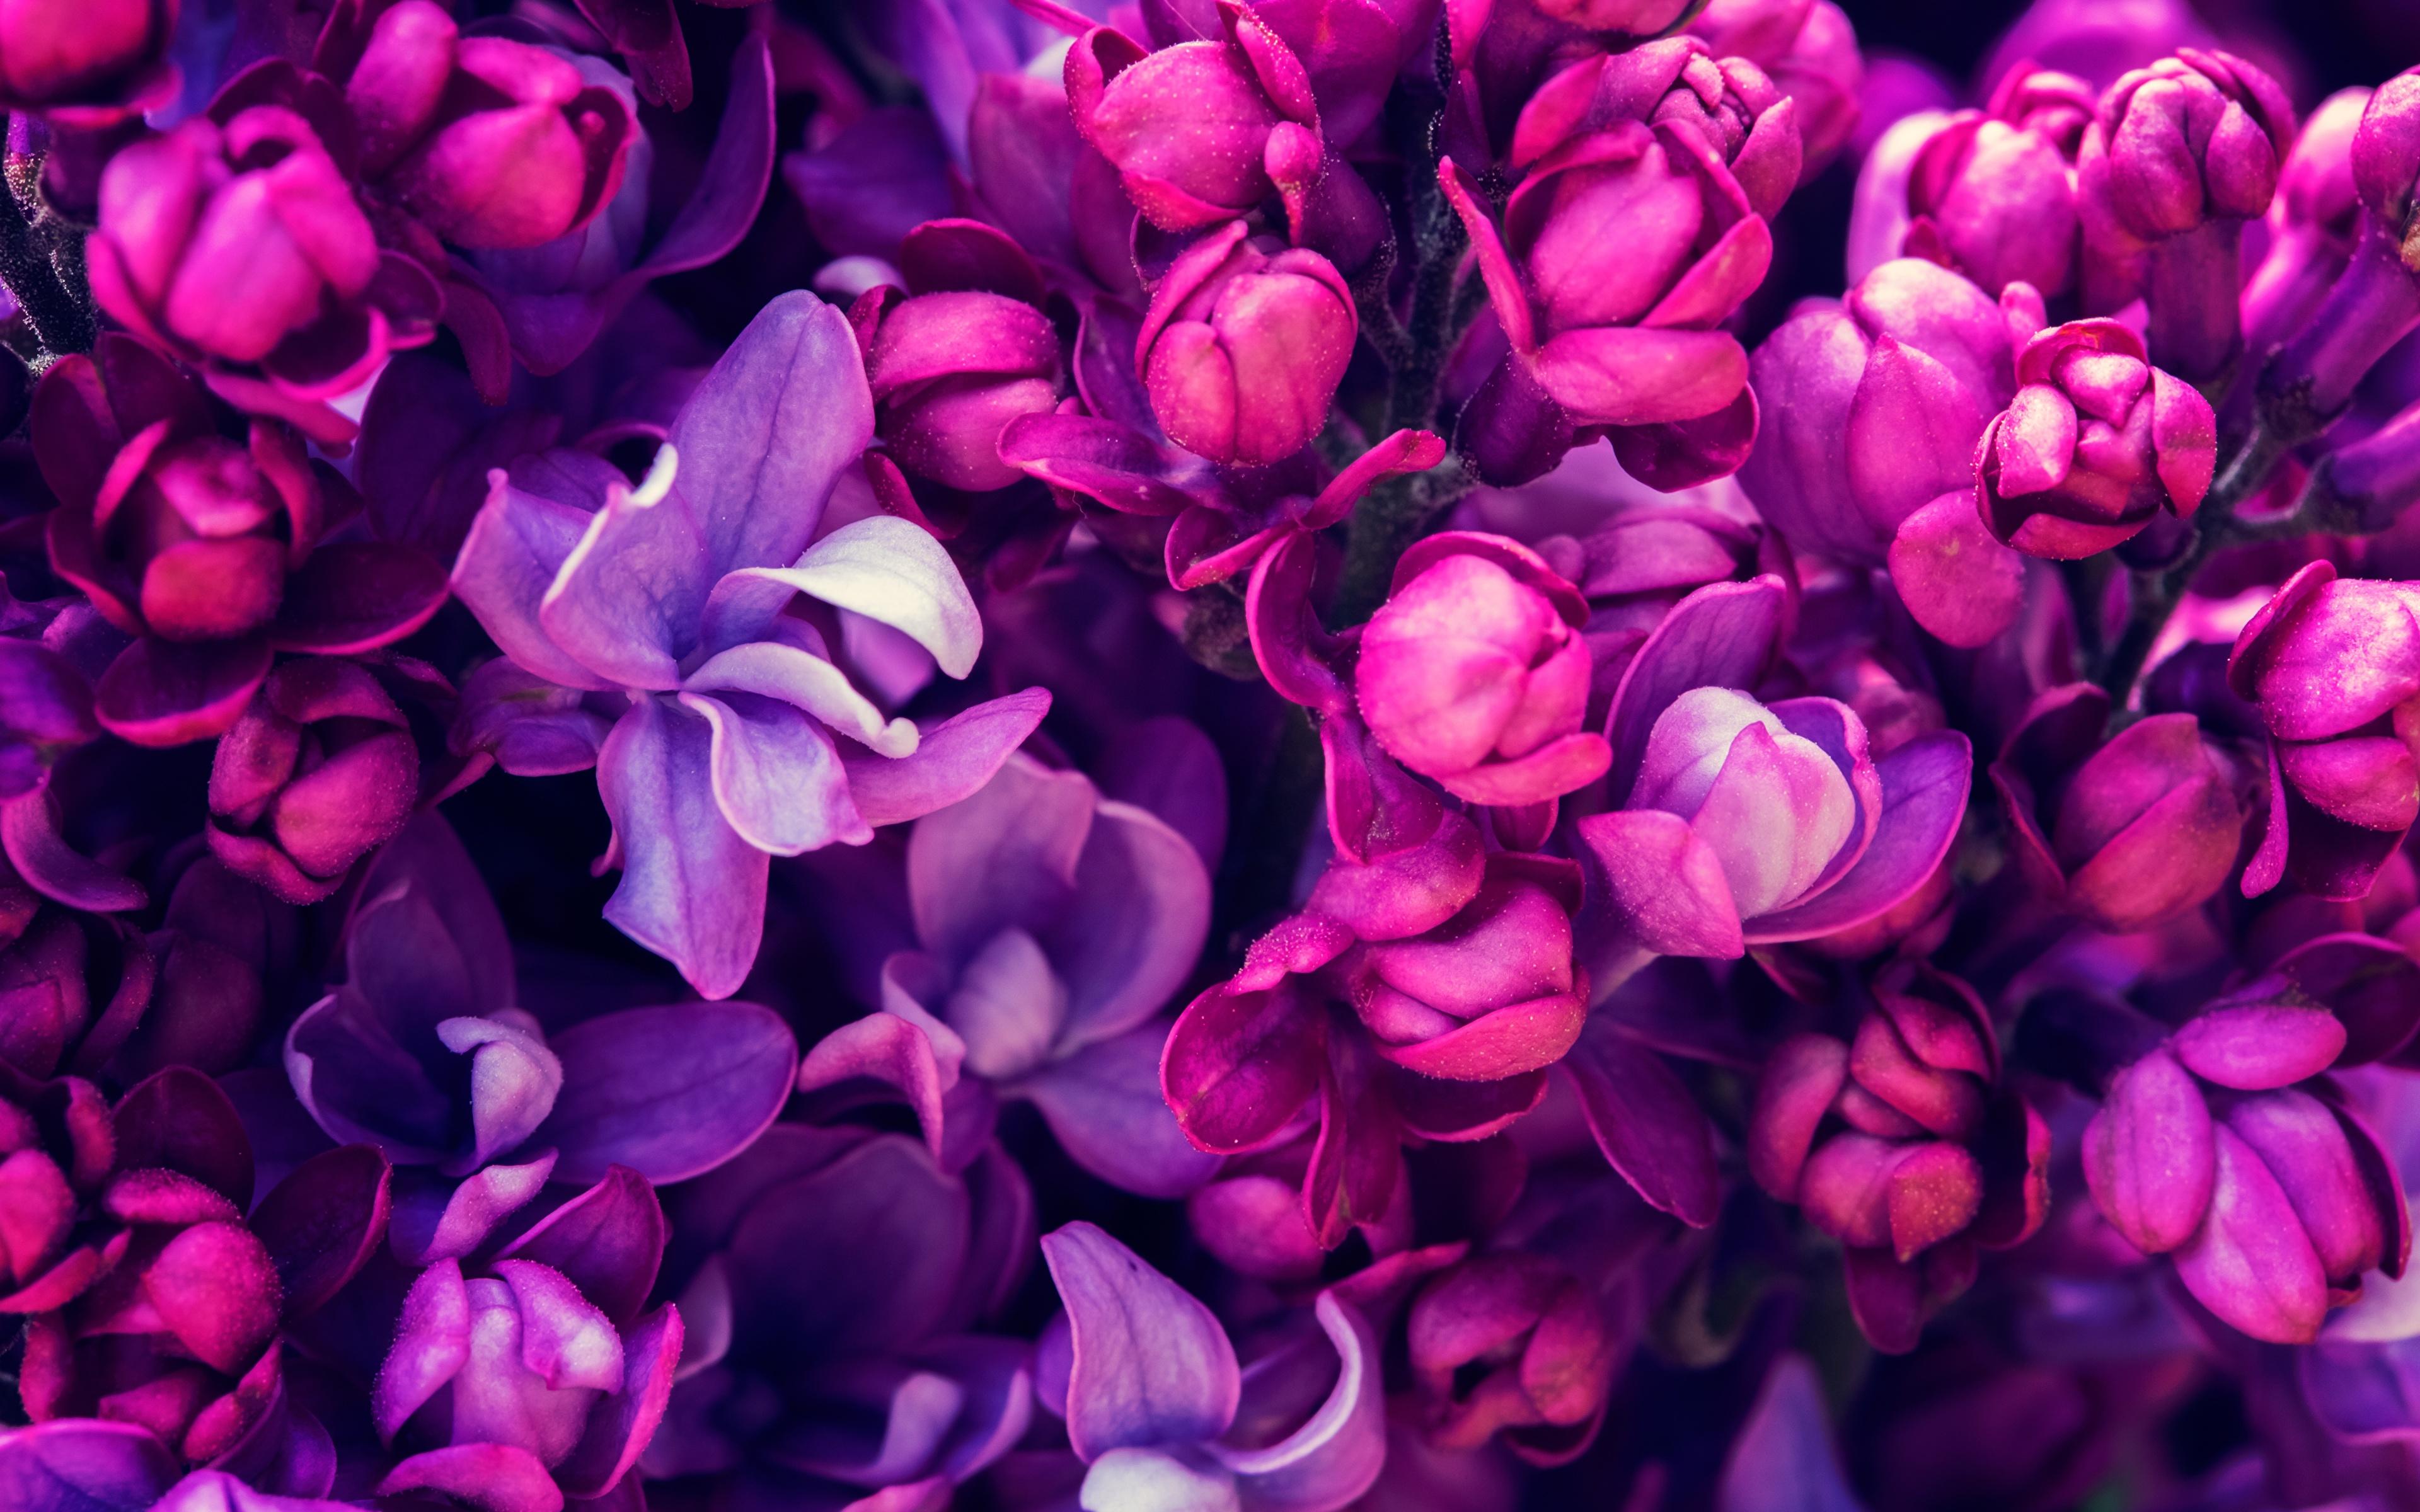 цветок фиолетовый  № 814187 загрузить